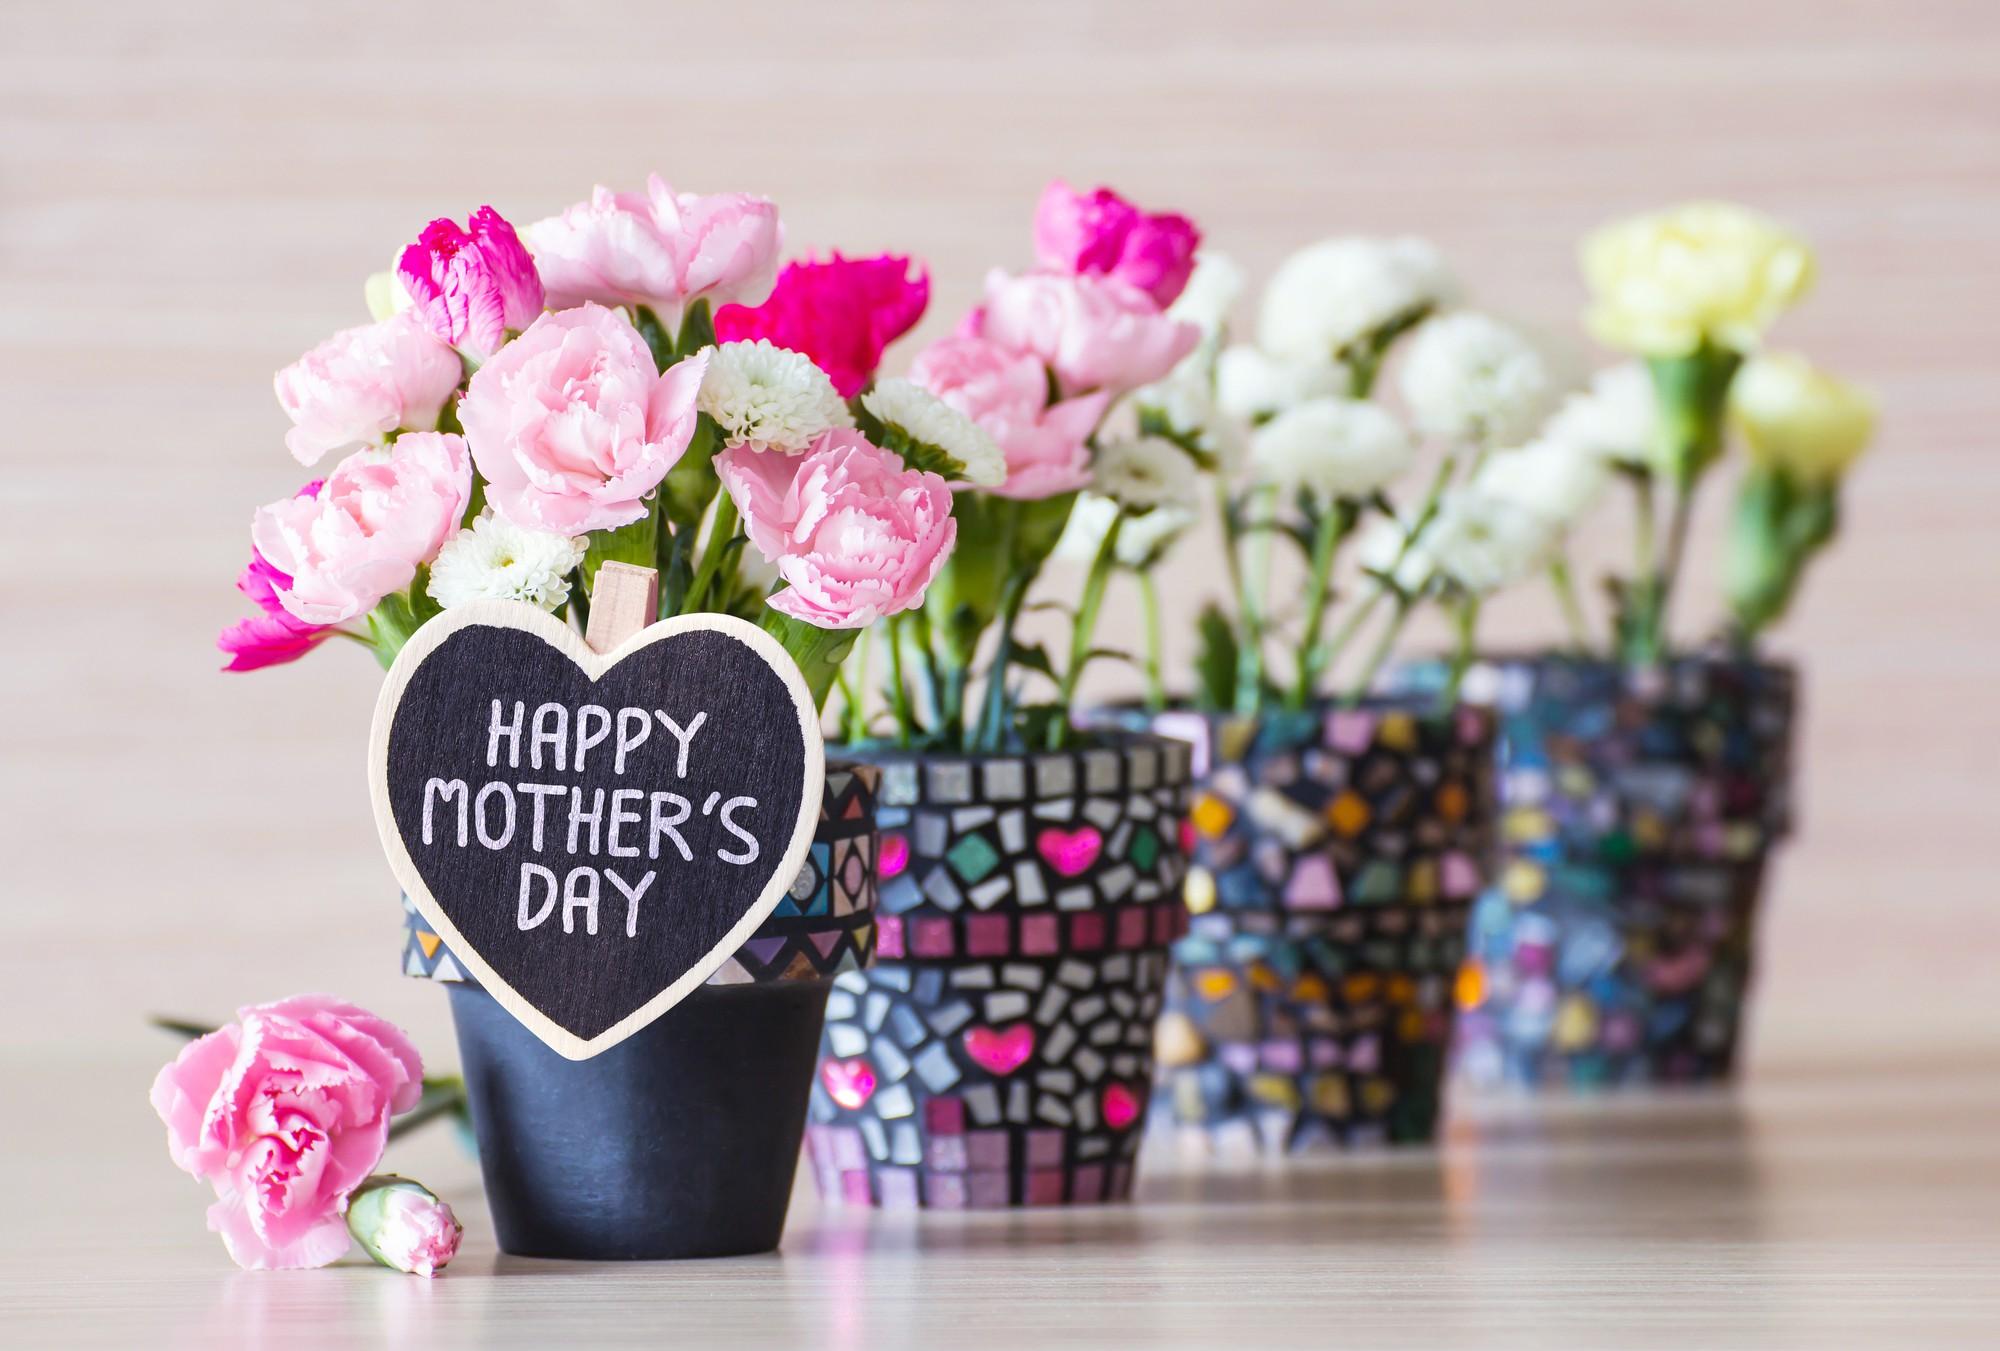 Những lời chúc ý nghĩa, ngọt ngào nhất cho Ngày của Mẹ  - Ảnh 1.